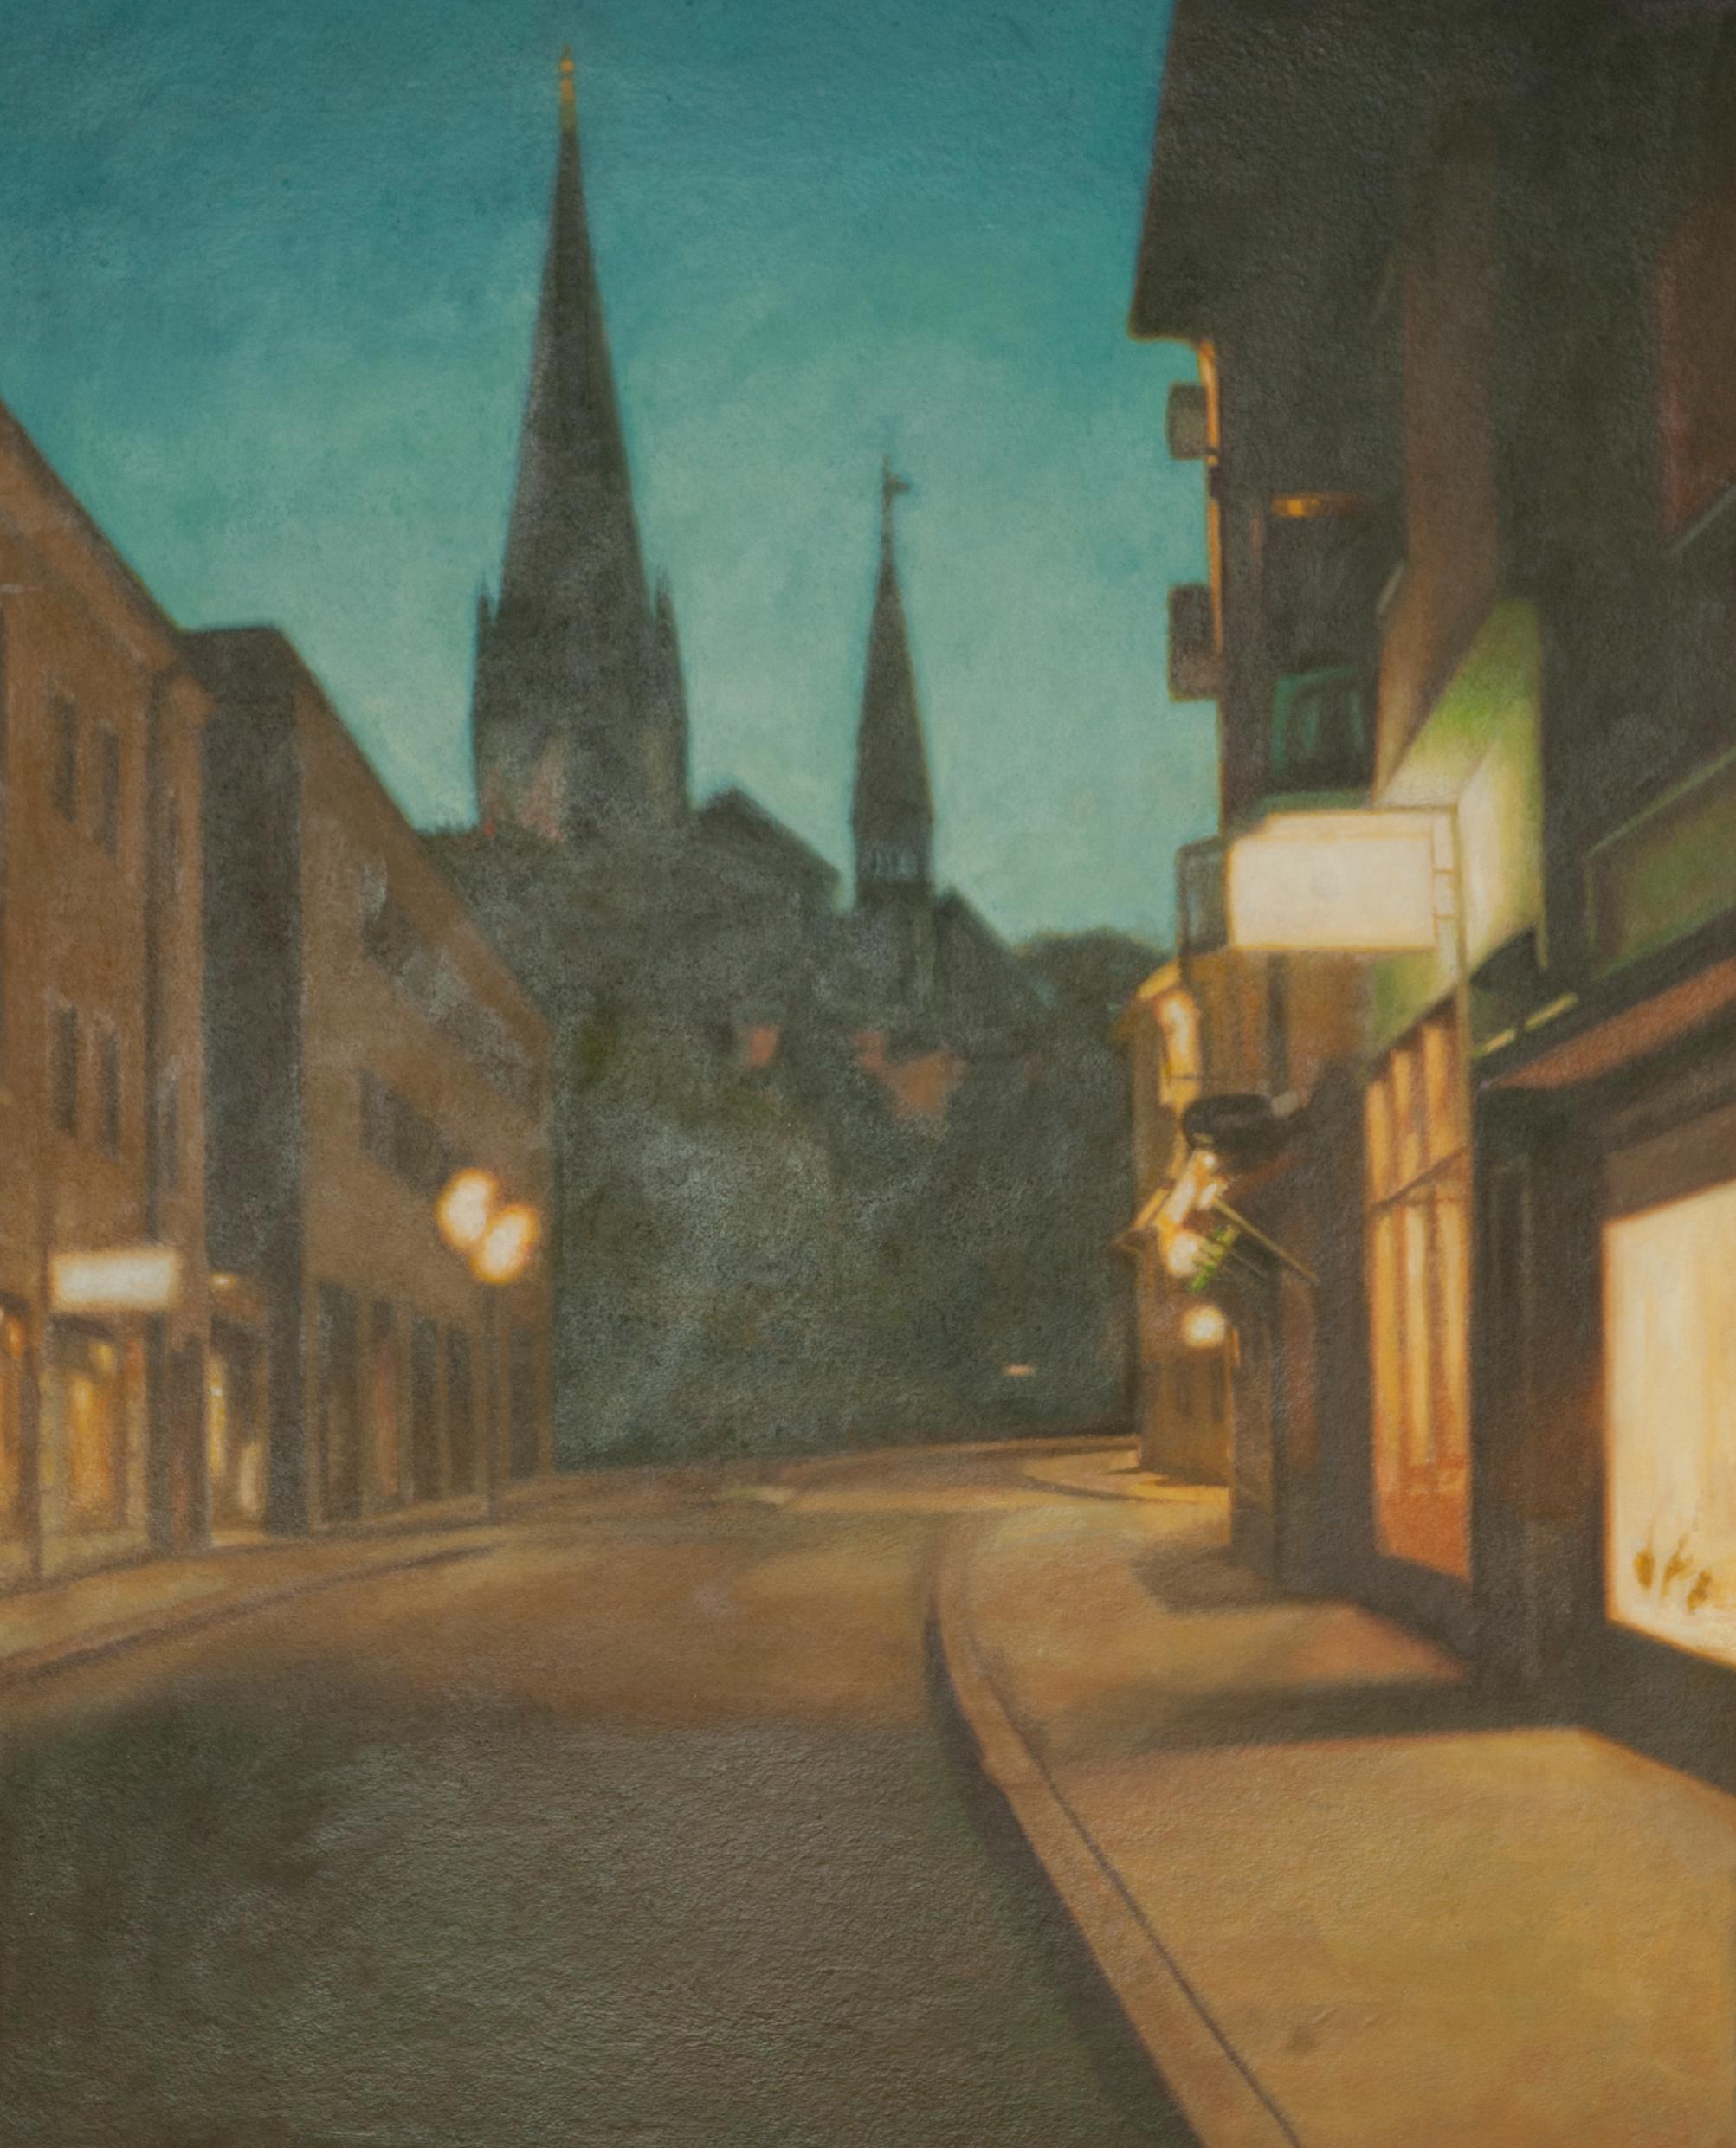 Ågatan (1998) - Klicka för att byta till perspektivbild.